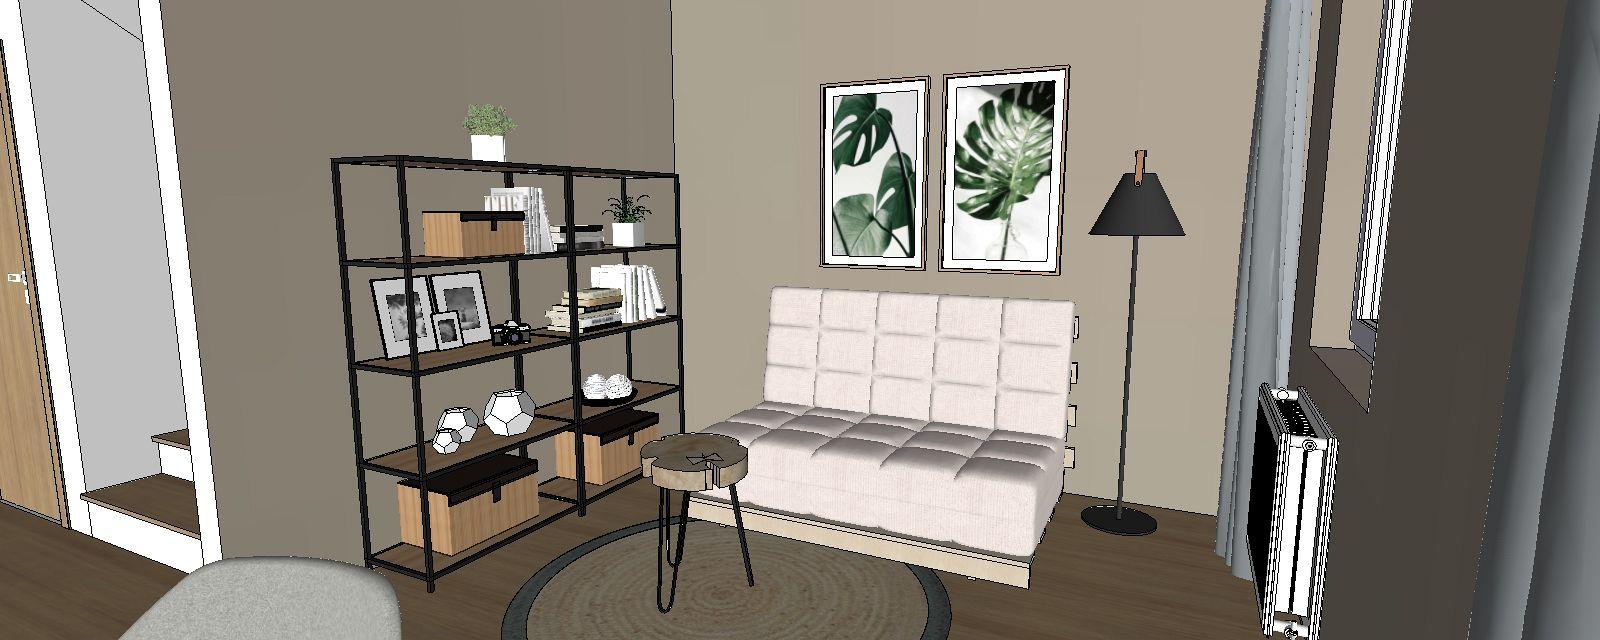 3d návrh interiéru pracovňa